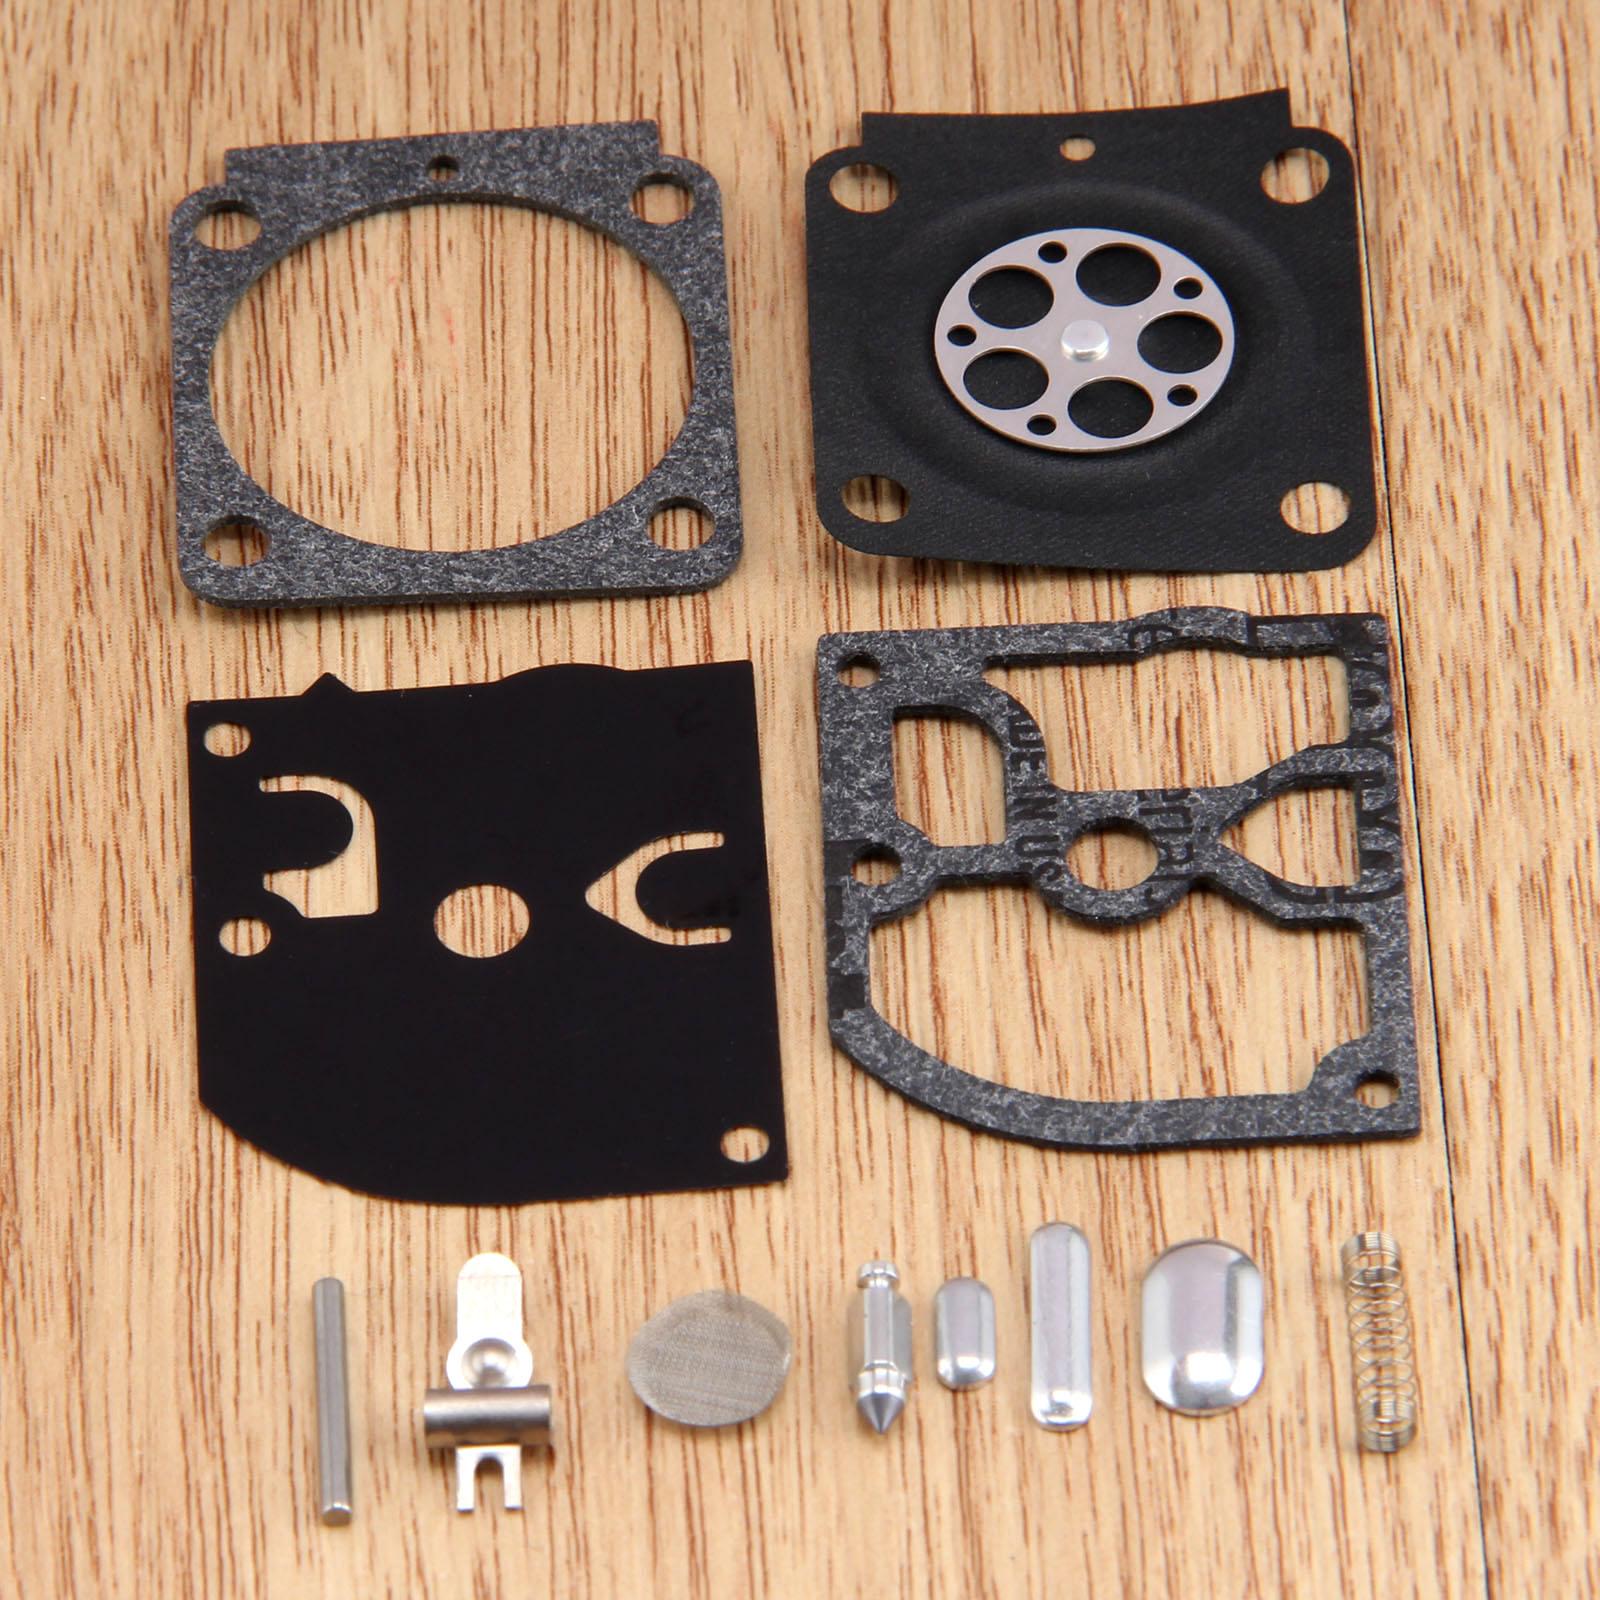 stihl chainsaw parts купить